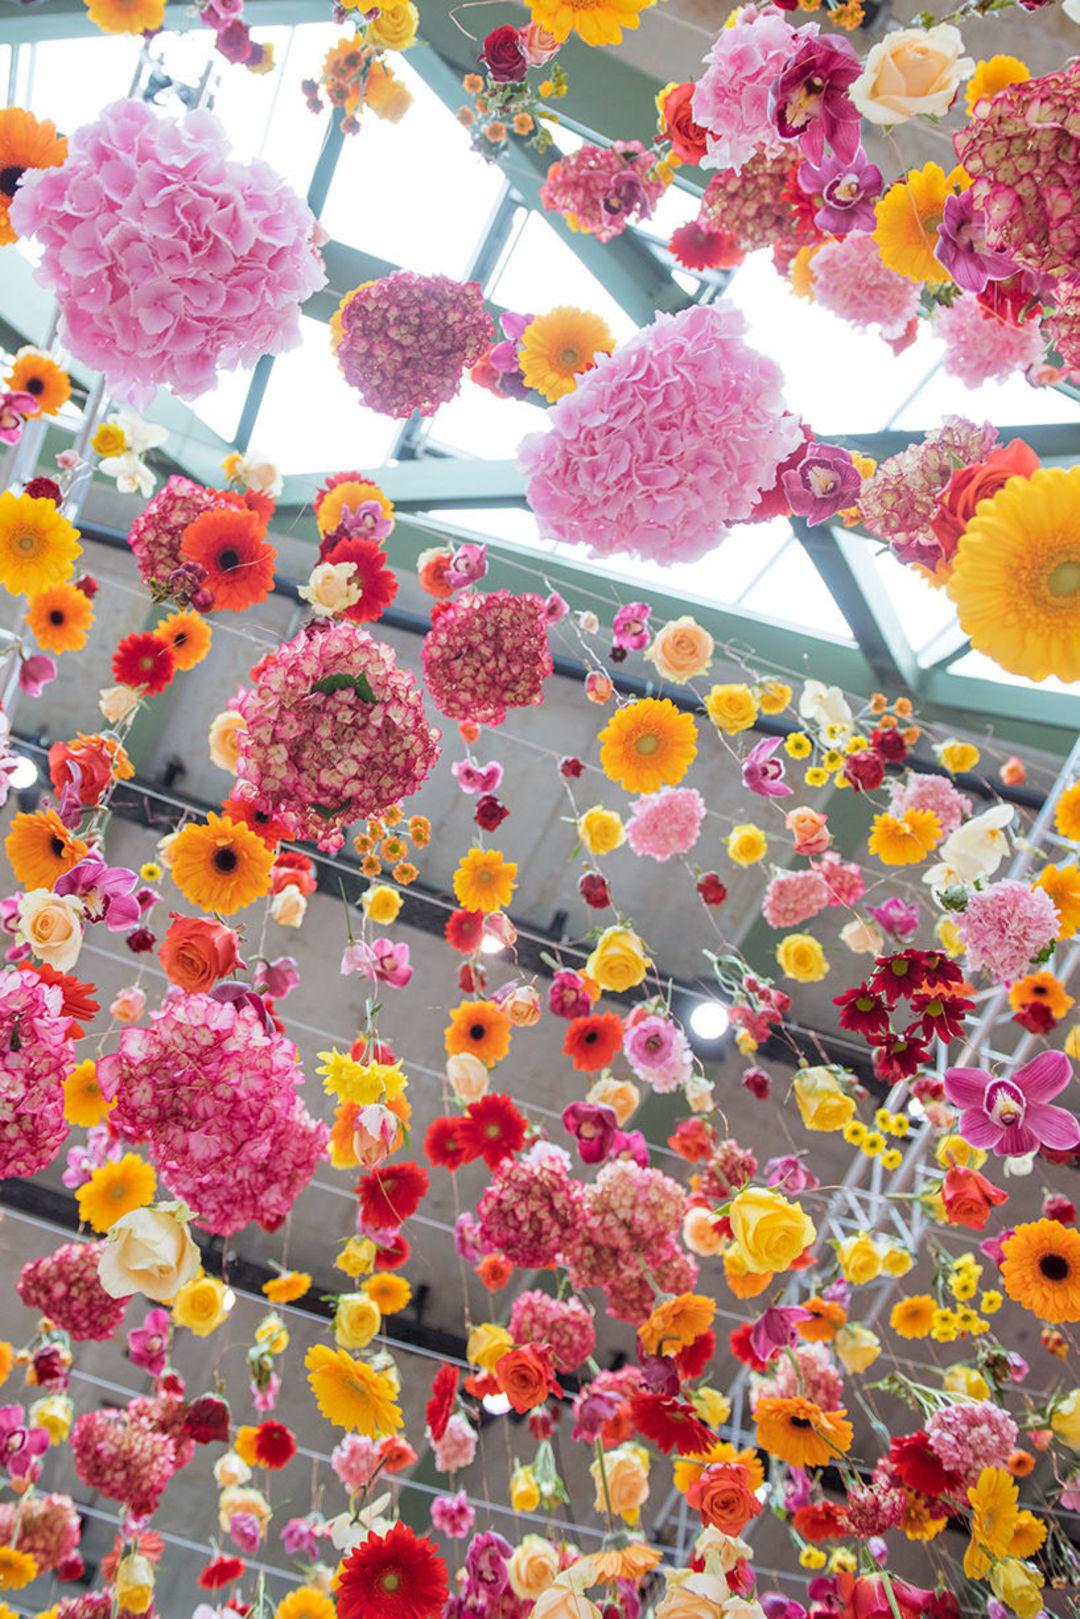 """柏林最酷的商场,变成了 3 万束鲜花的""""风干""""台_设计_好奇心日报"""